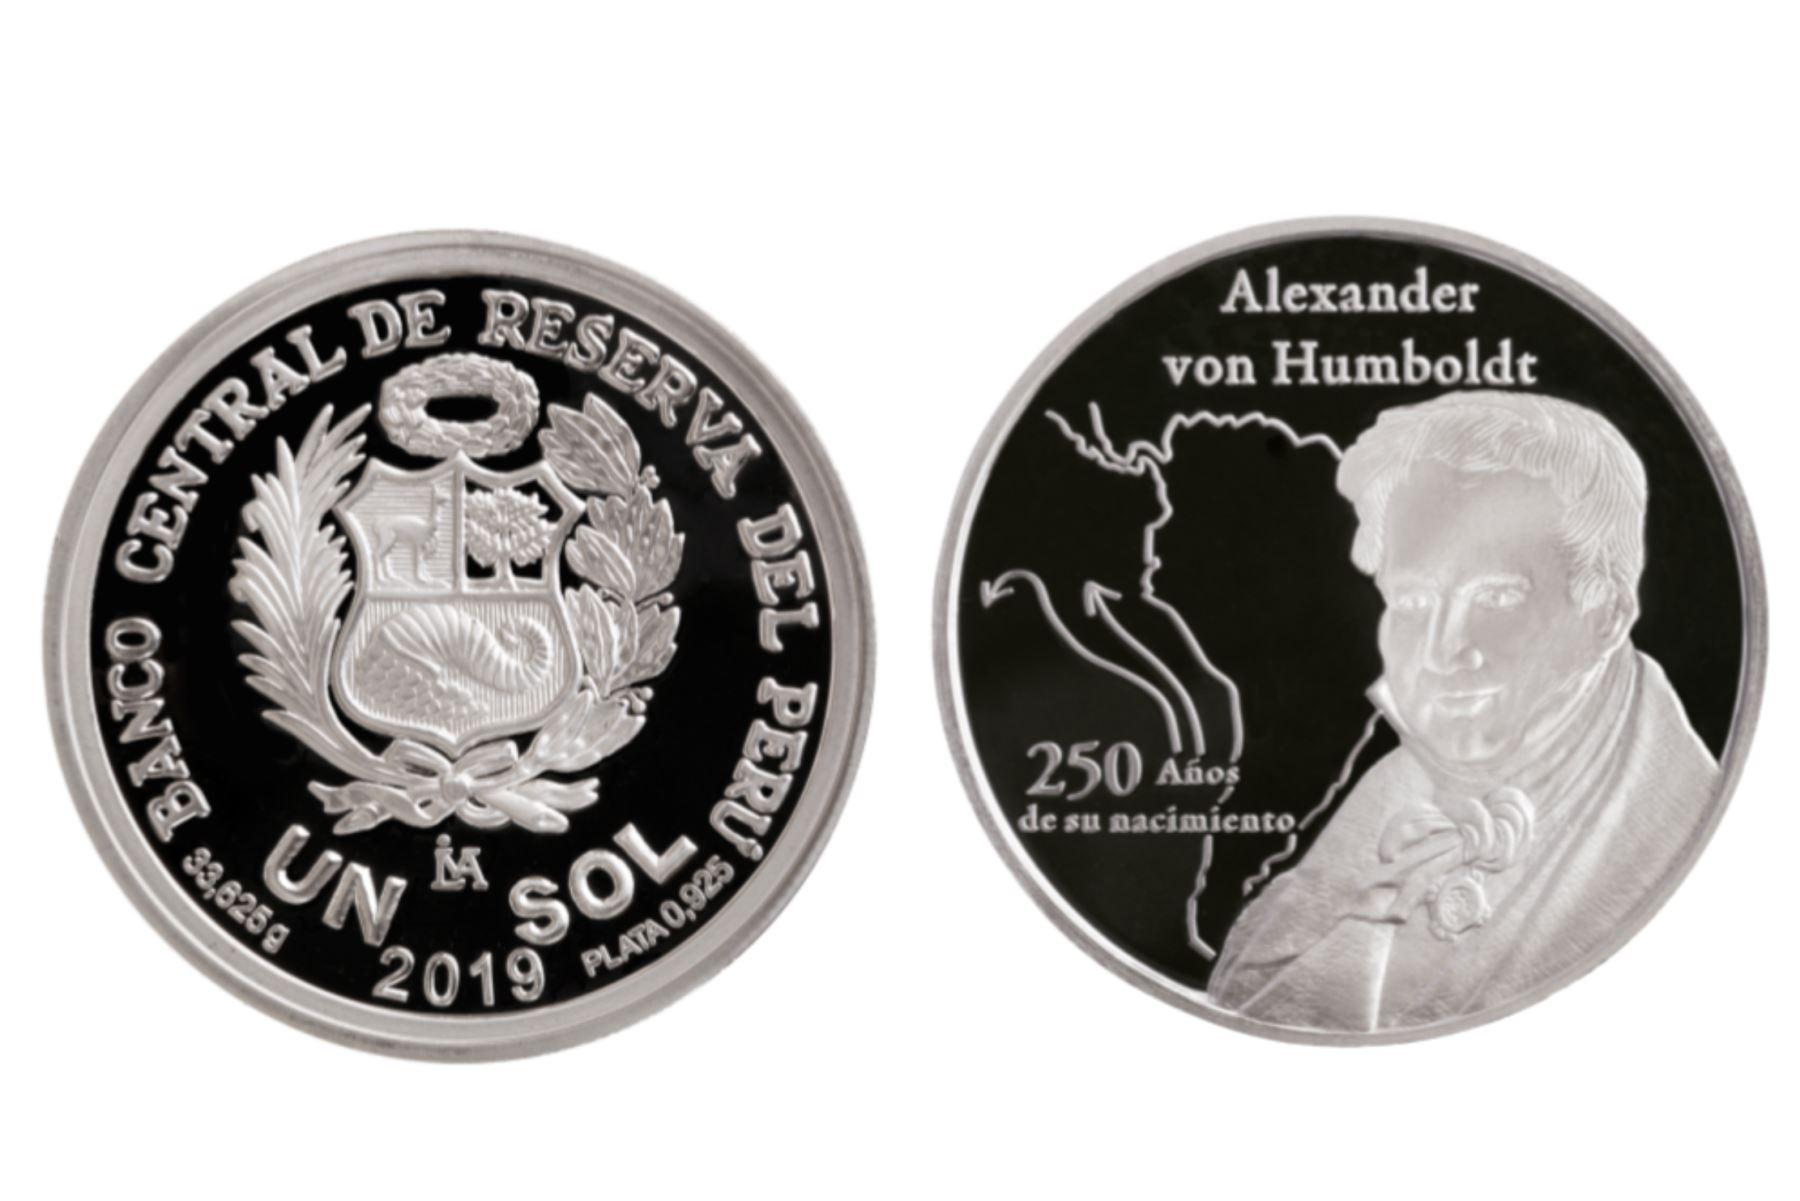 BCR lanza moneda alusiva a los 250 años del natalicio de Alexander von Humboldt